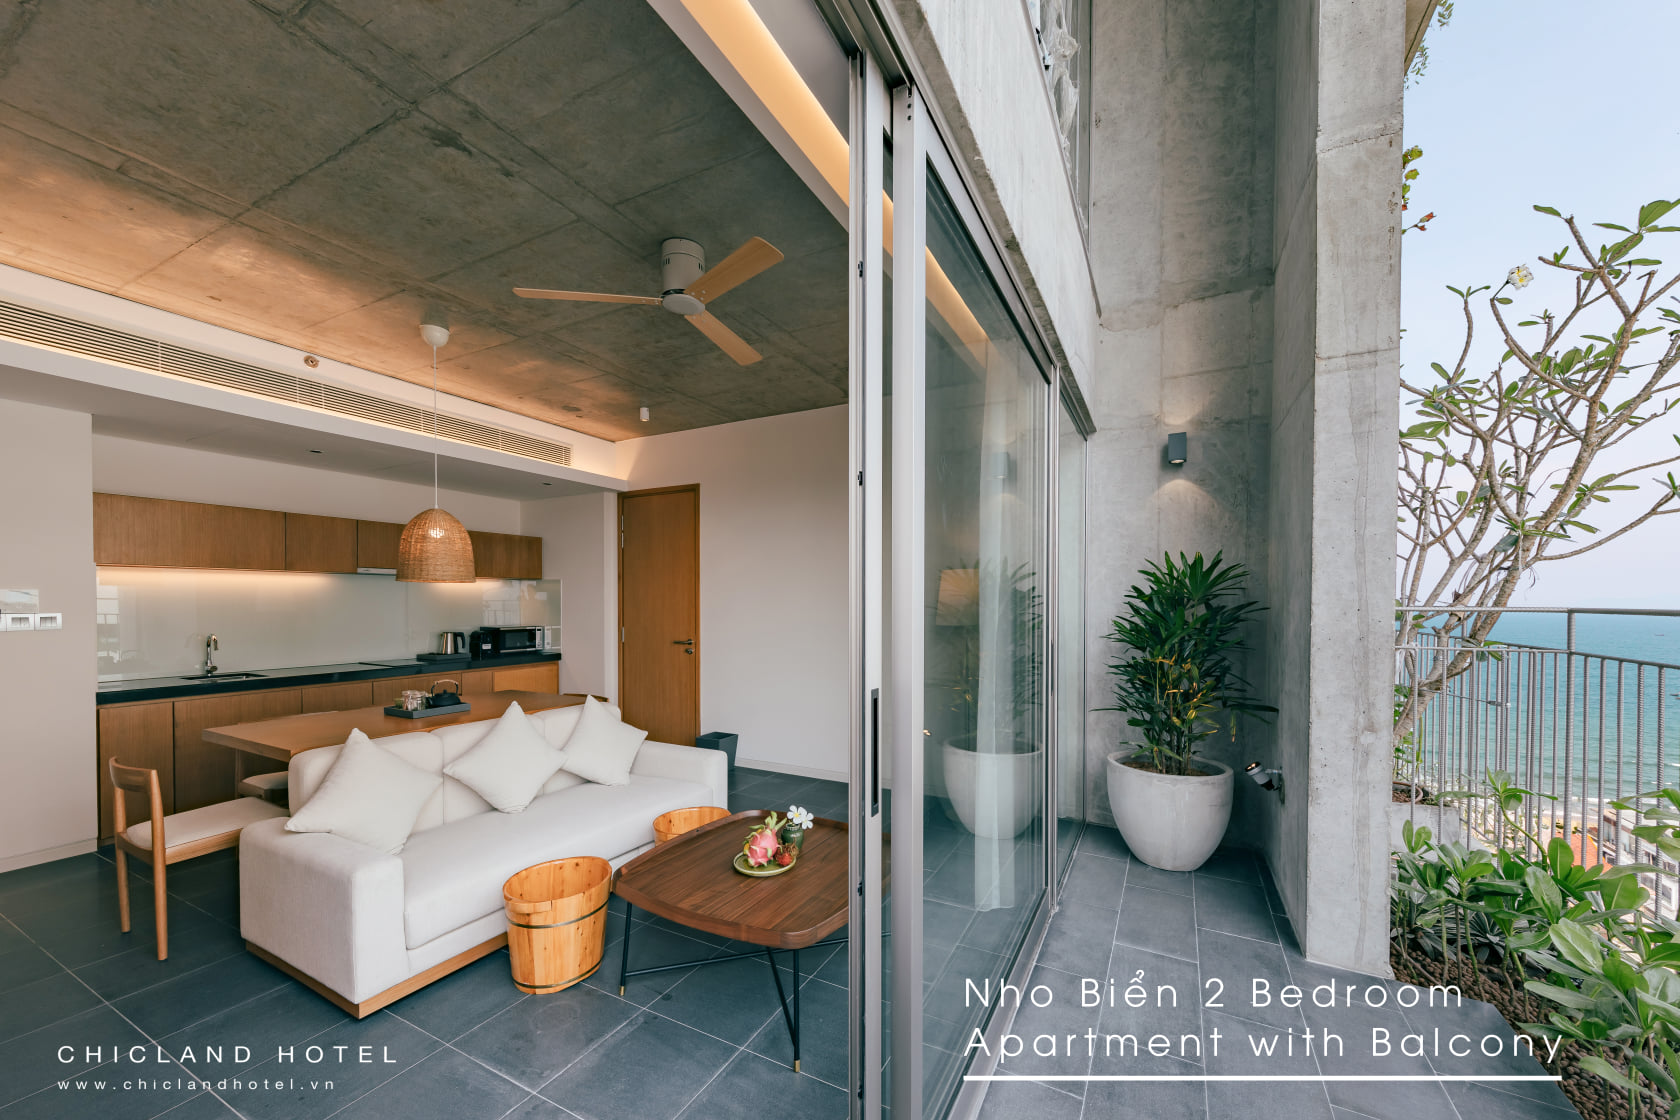 Phòng Căn hộ Nho Biển Balcony 2 Phòng Ngủ